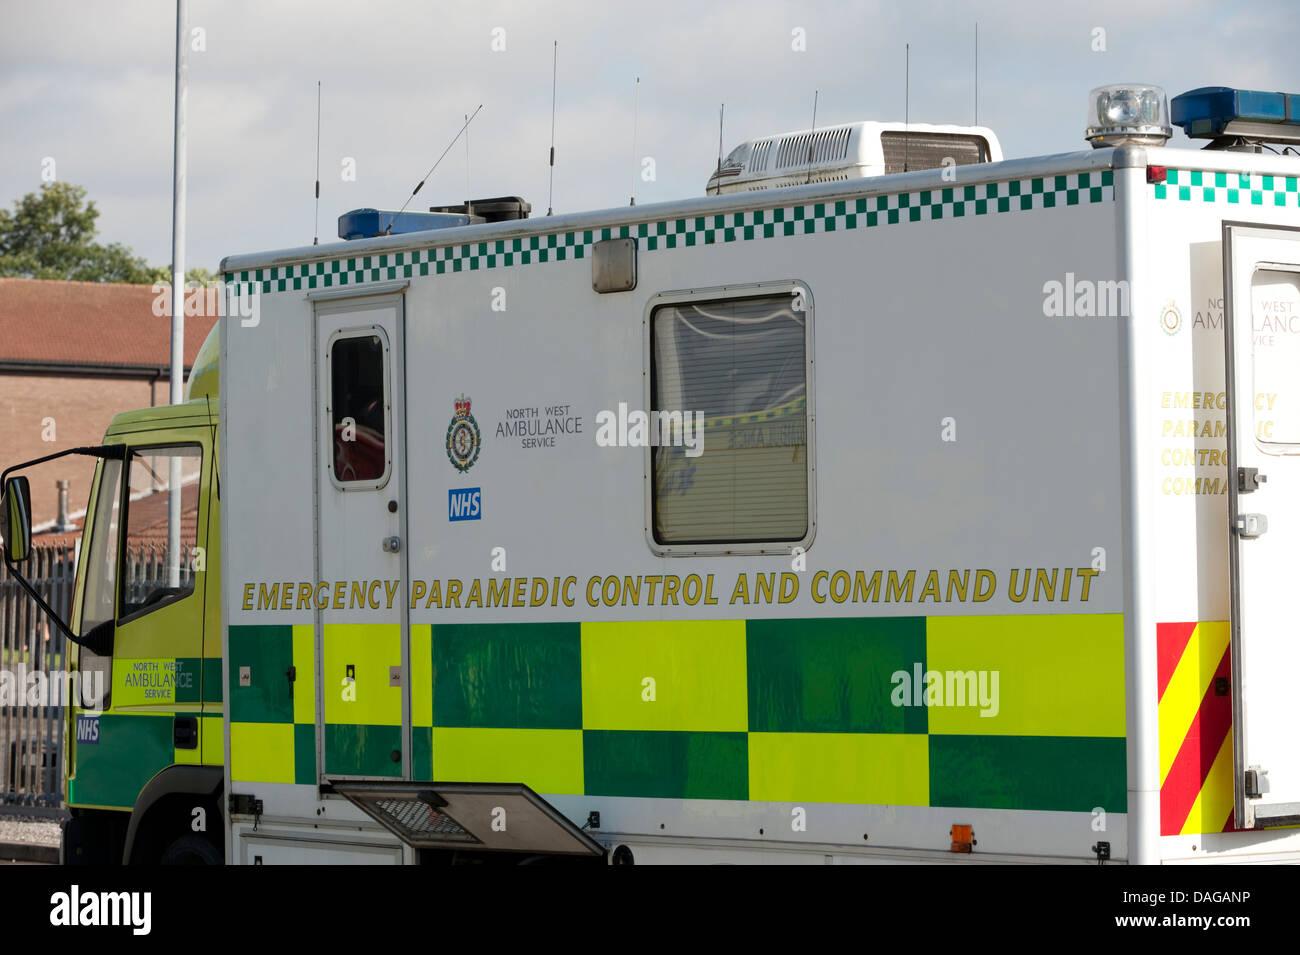 Contrôle et paramédicaux d'urgence de l'unité de commande Photo Stock